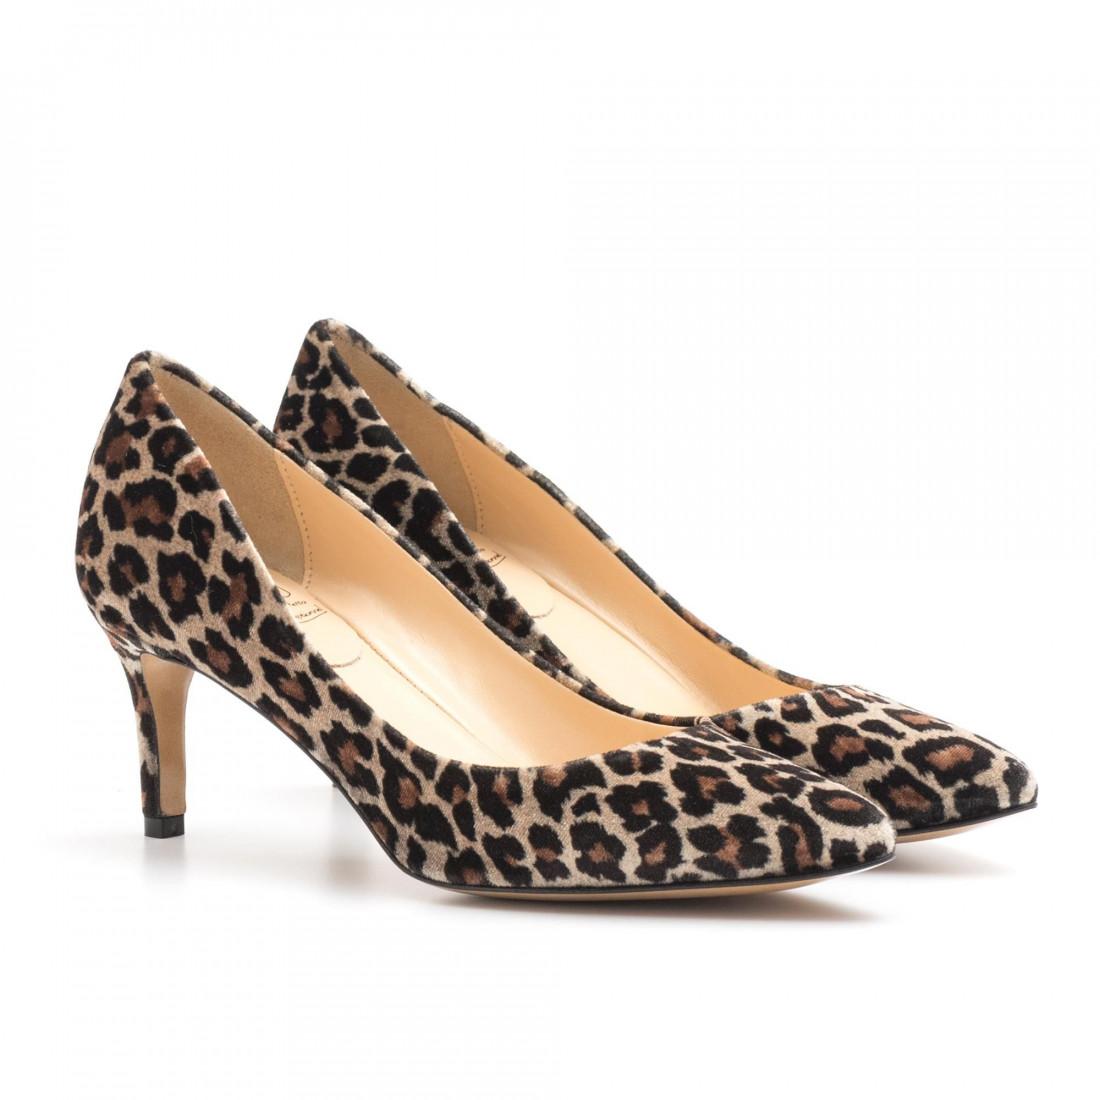 stckelschuhe damen larianna de 1111leopardo taupe 3905